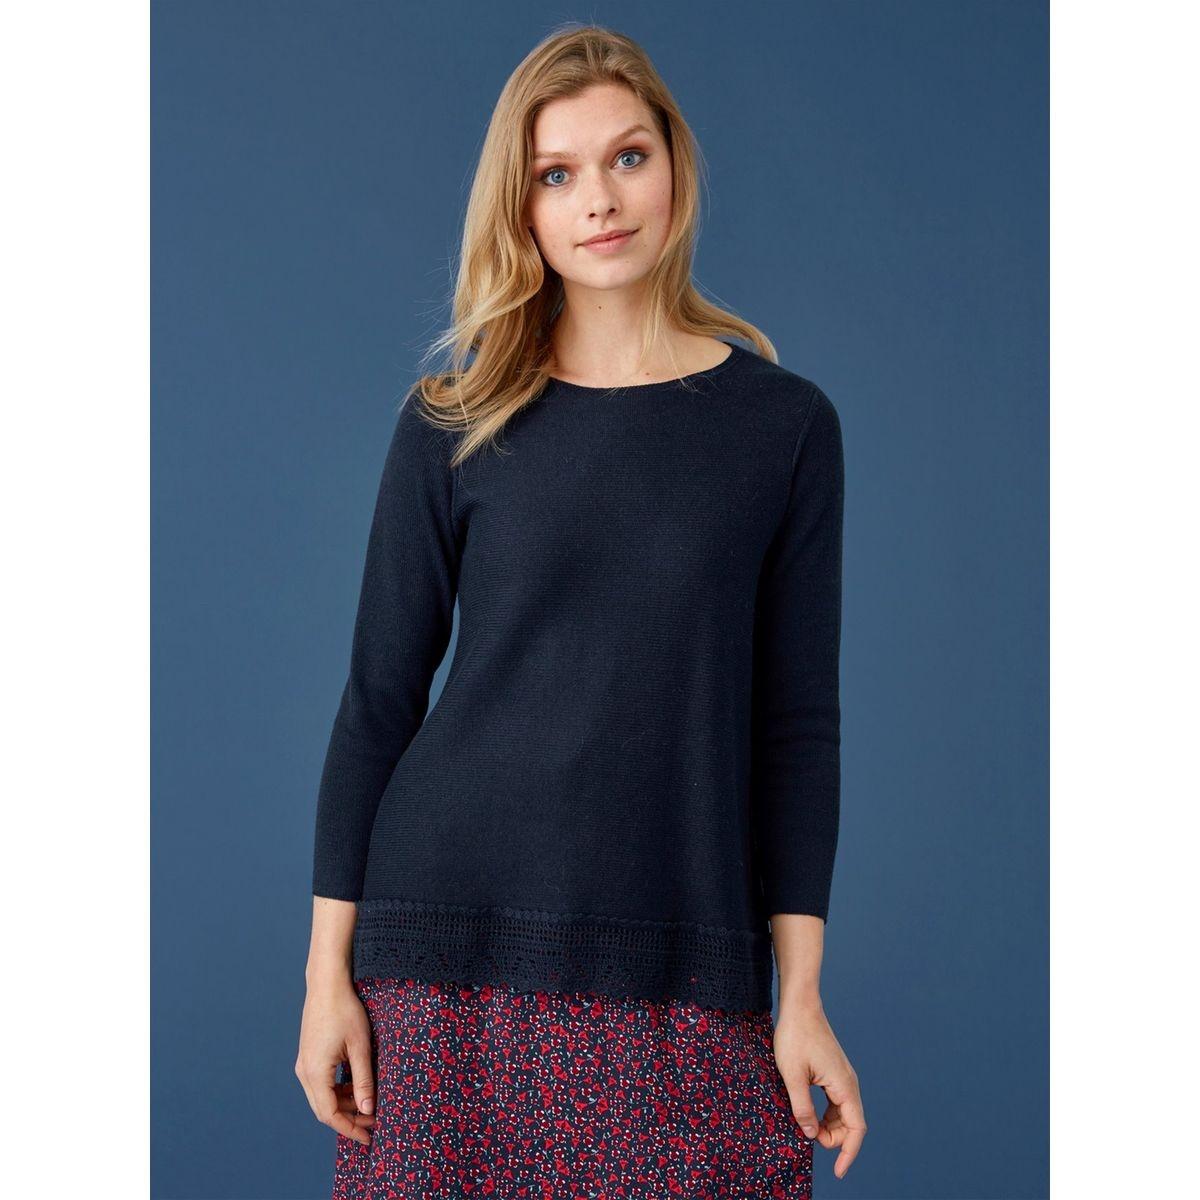 Pull femme coton/laine base macramé, MALCAT